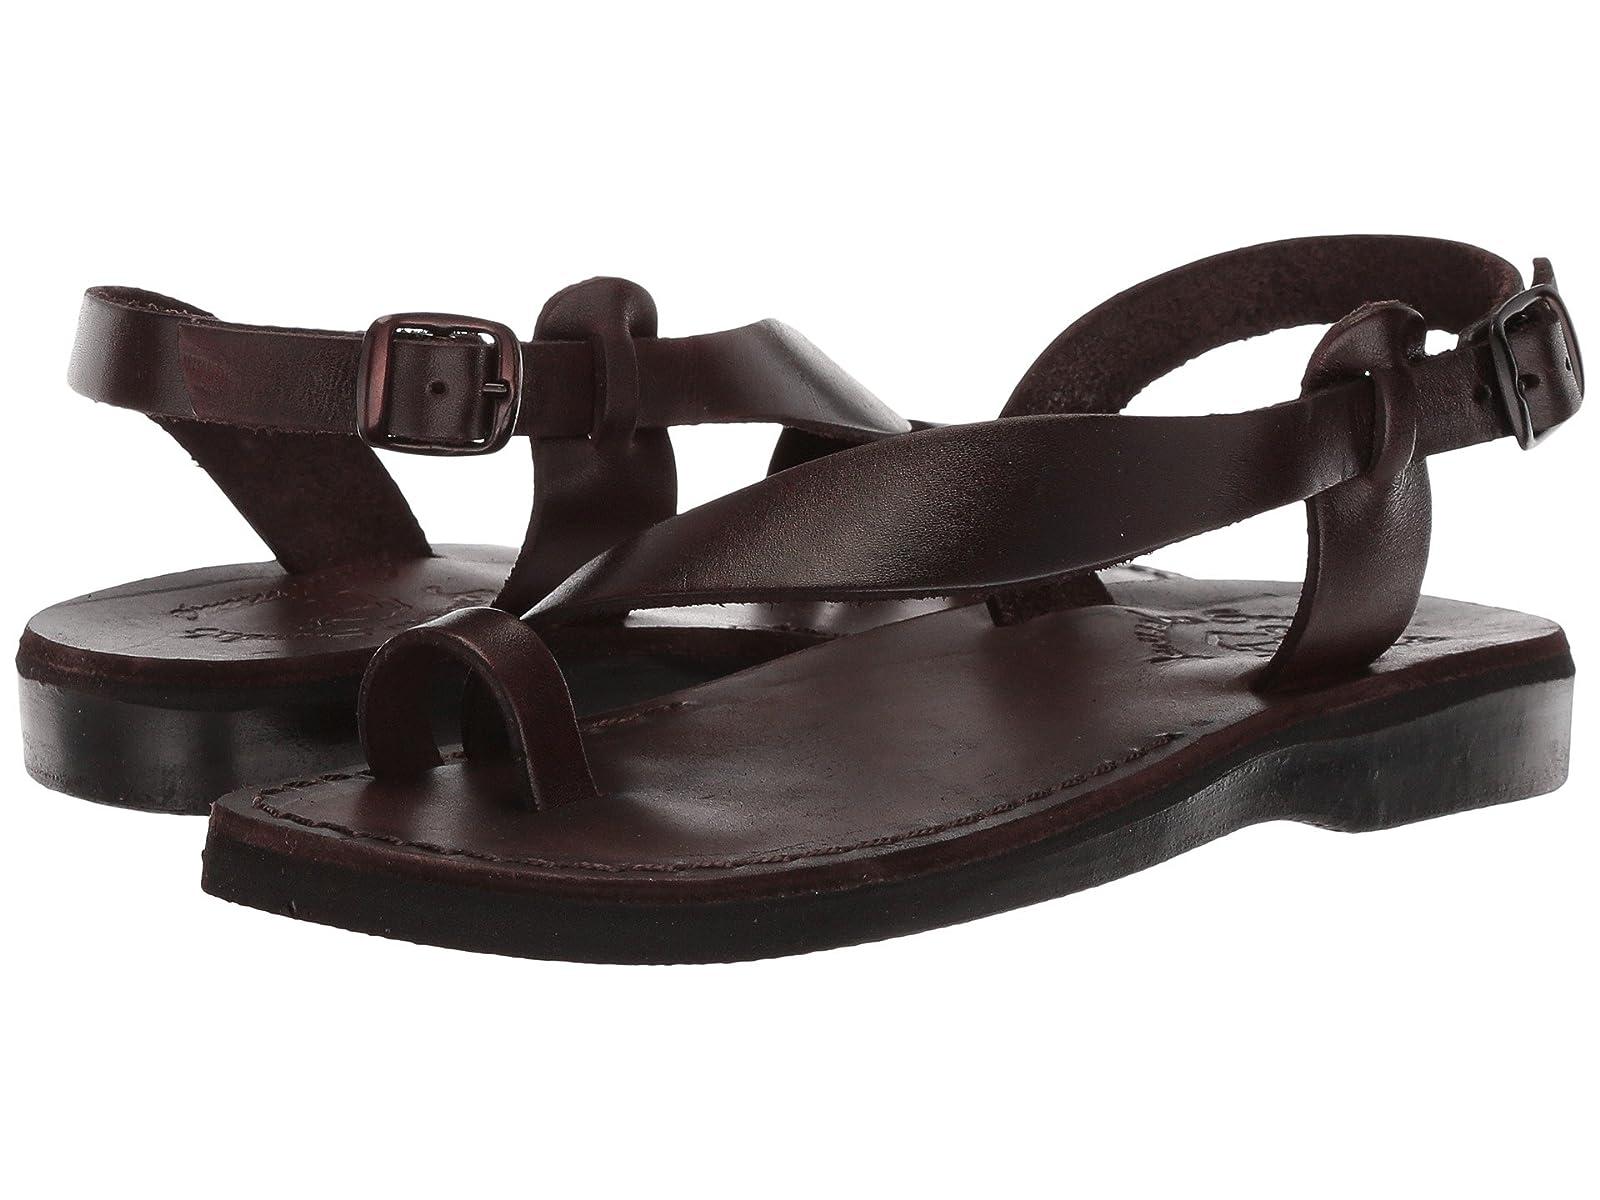 Jerusalem Sandals MiaAtmospheric grades have affordable shoes